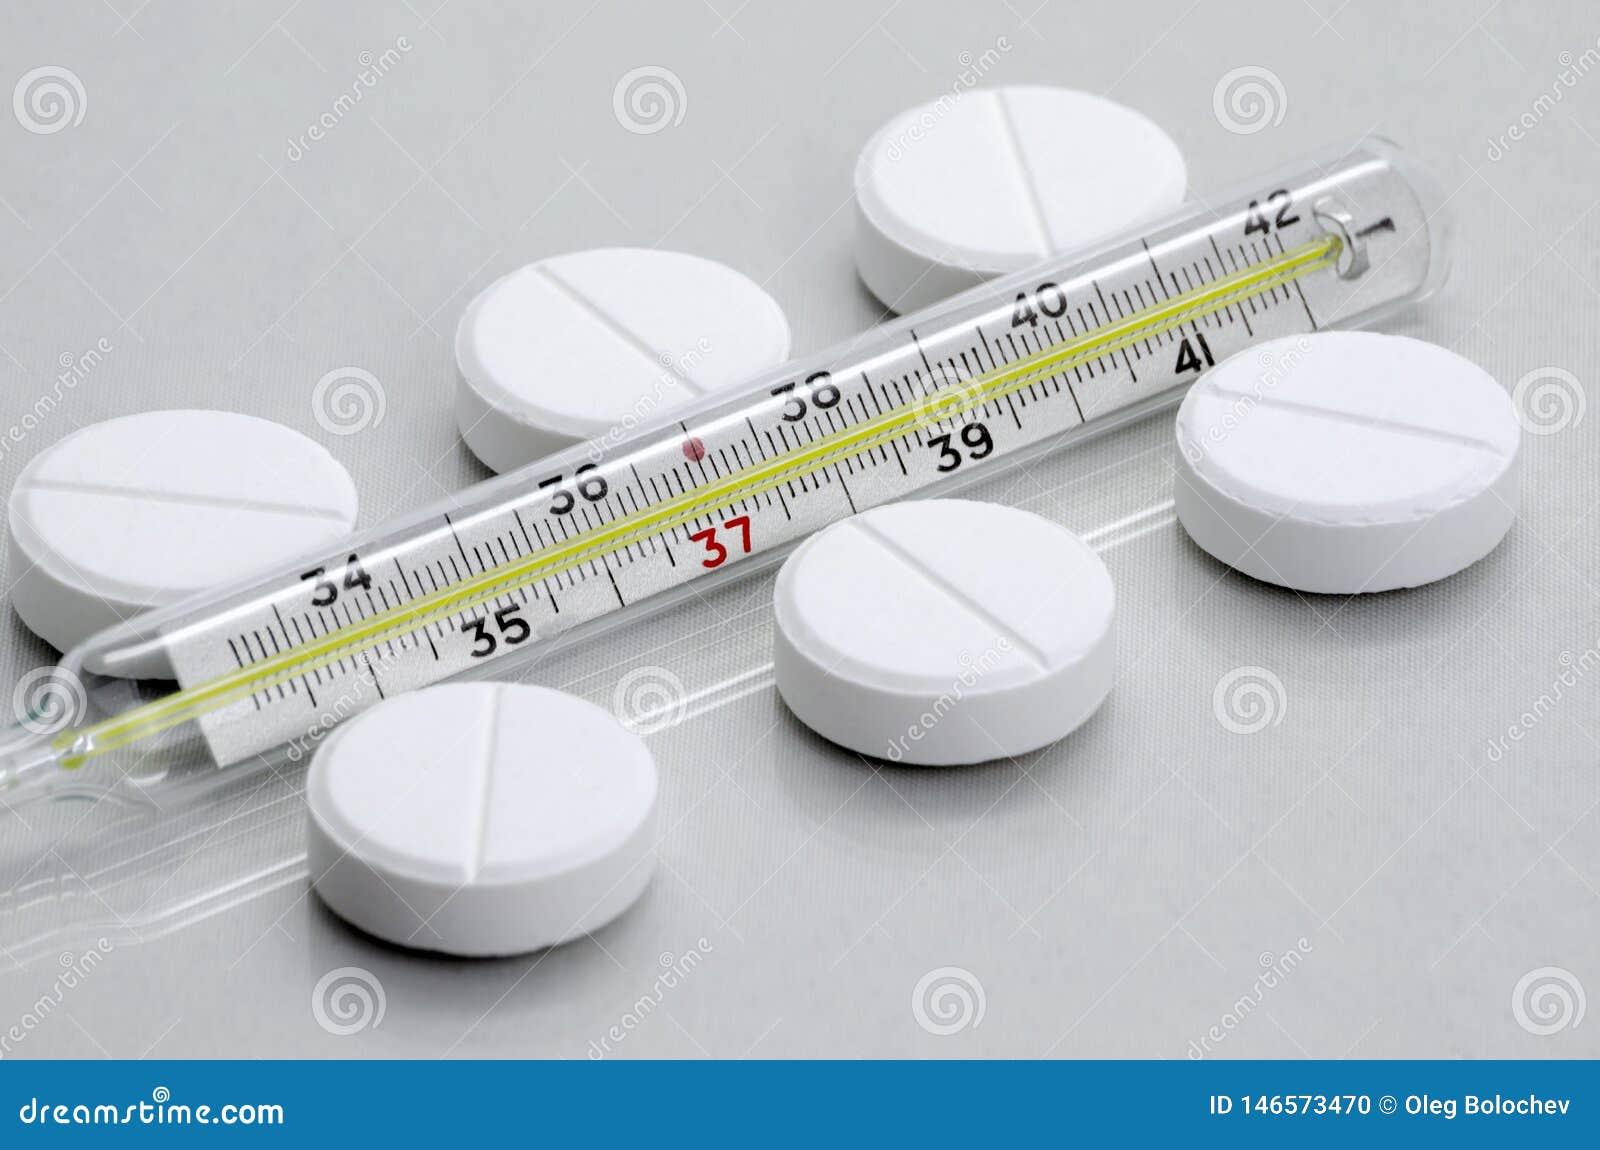 Pillren ligger bredvid den medicinska termometern